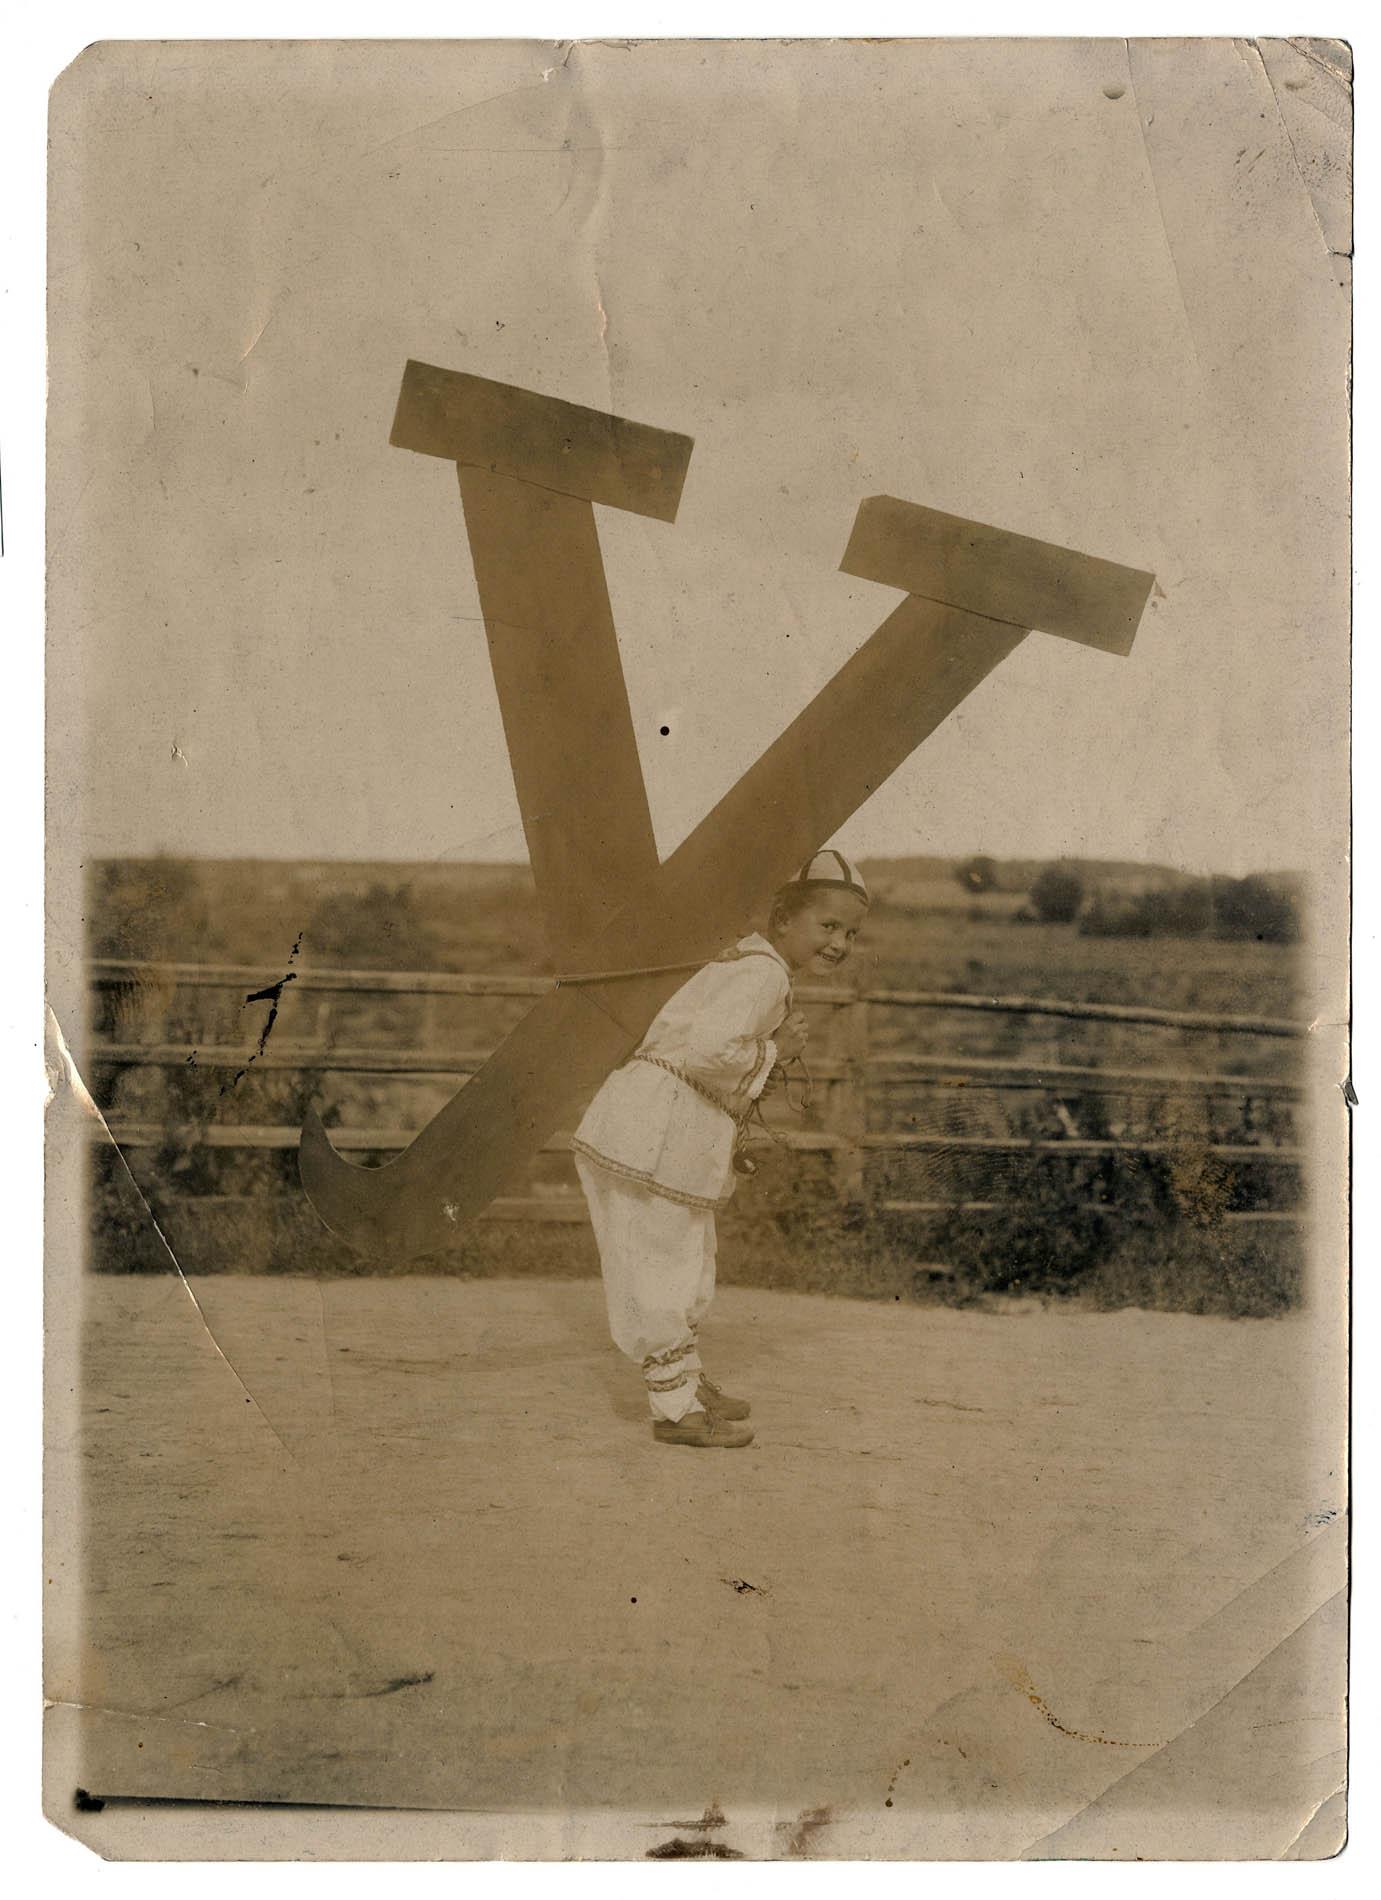 Teuvo Pakkala valokuvasi kirjaimia kantavia lapsia kuvitukseksi tekeillä olevaan aapiseen. Teuvo Pakkalan arkisto.